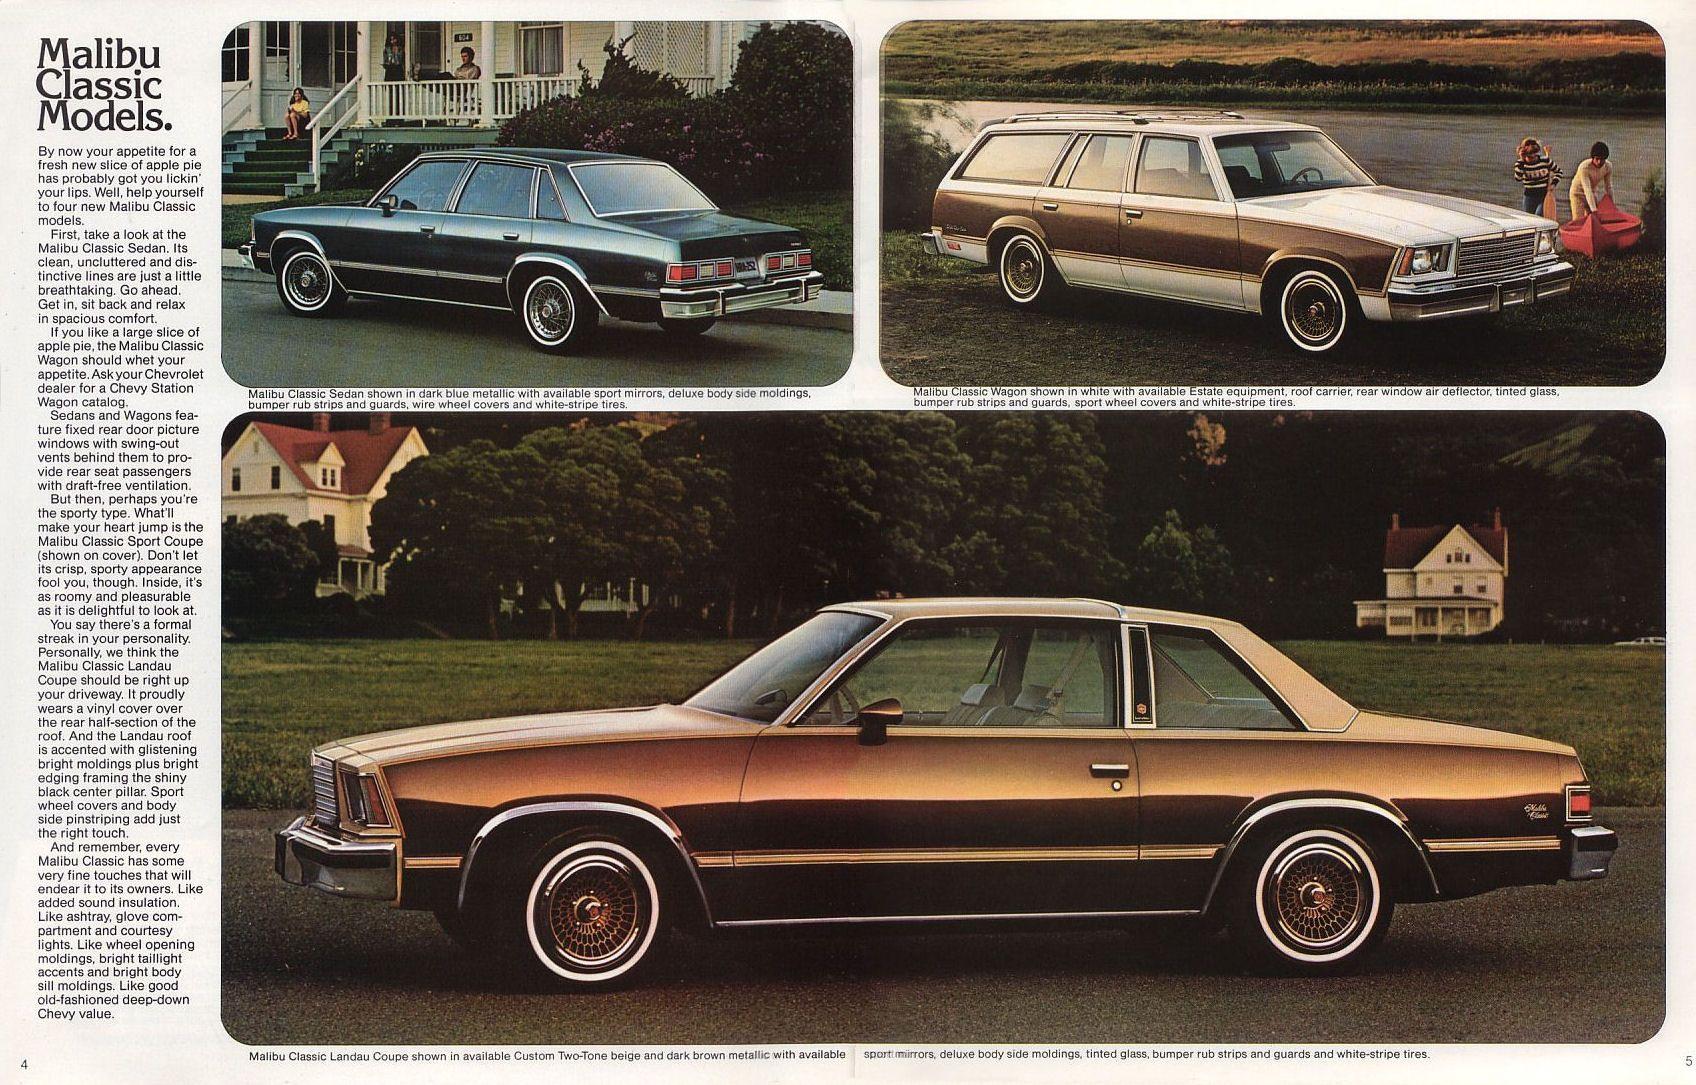 1979 Chevrolet Malibu Brochure Chevrolet Malibu Chevy Malibu